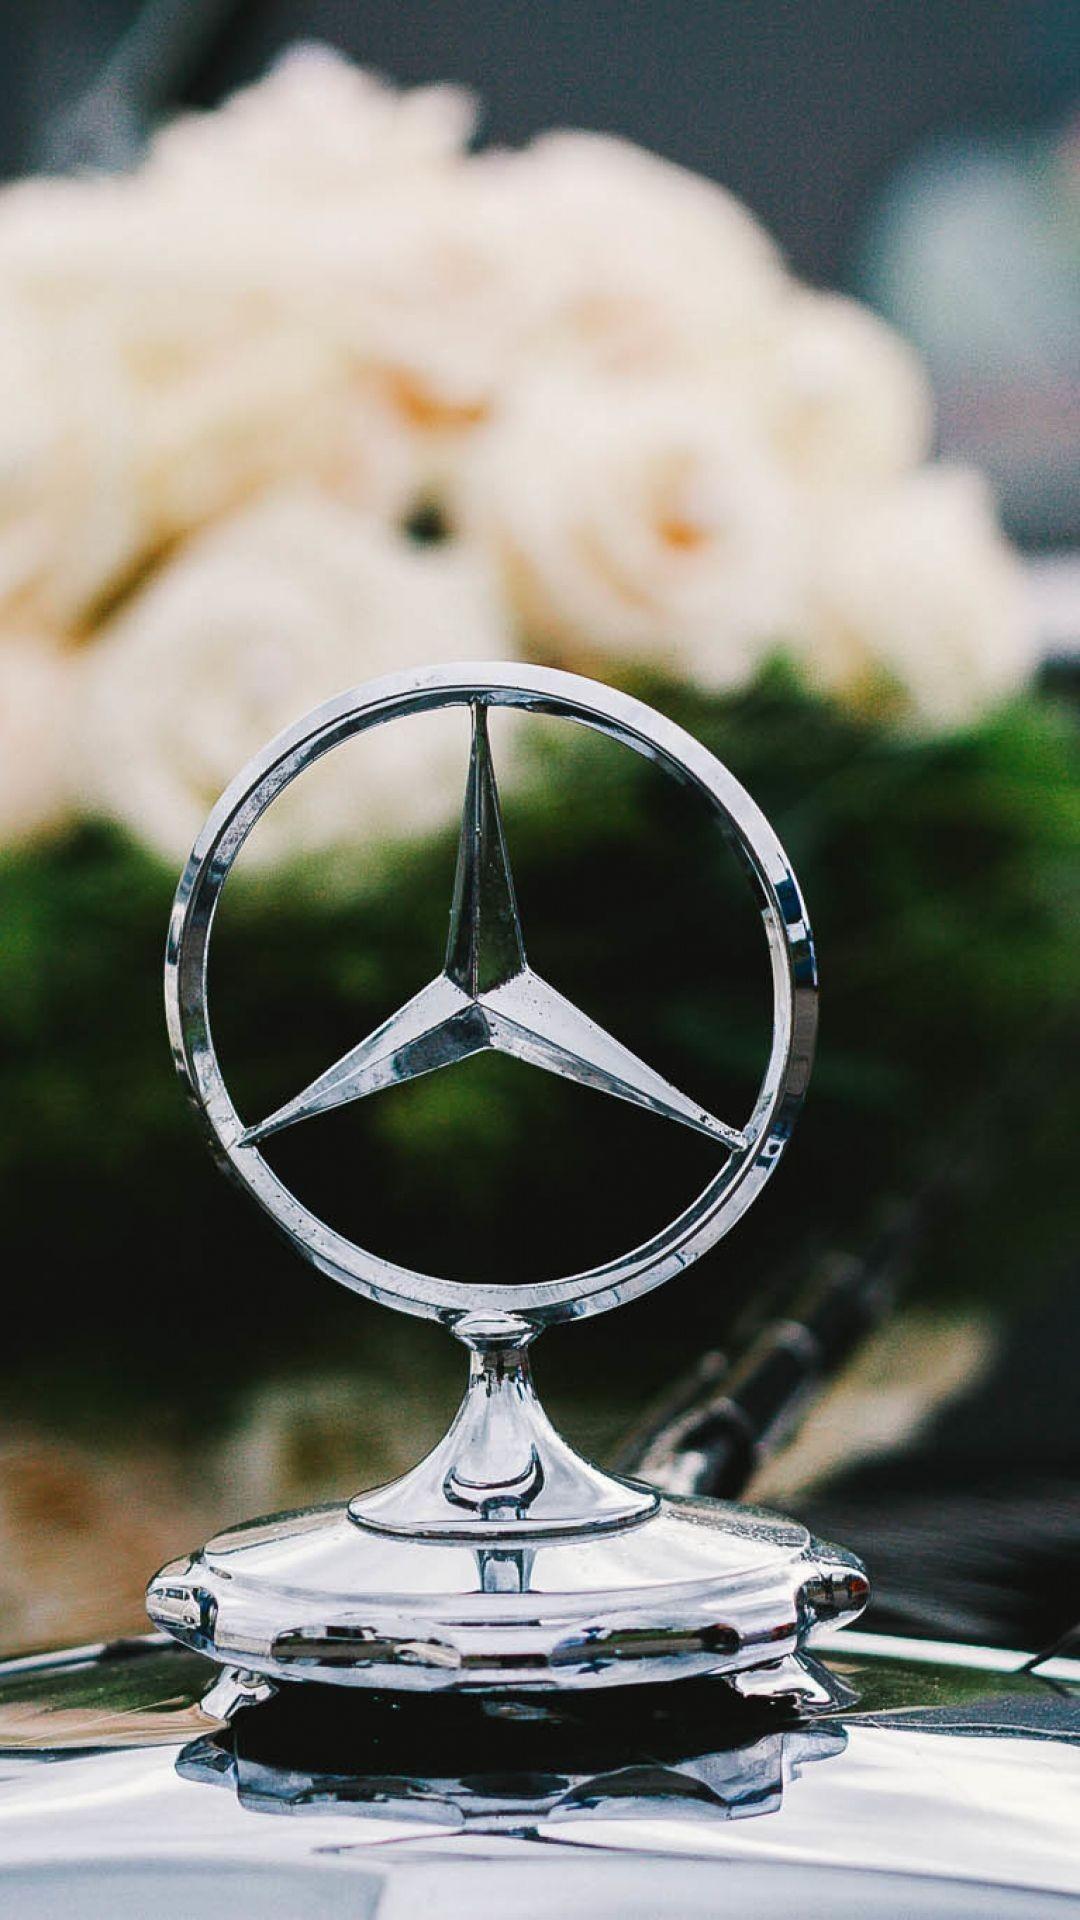 Mercedes Benz Logo Wallpaper 69 Images